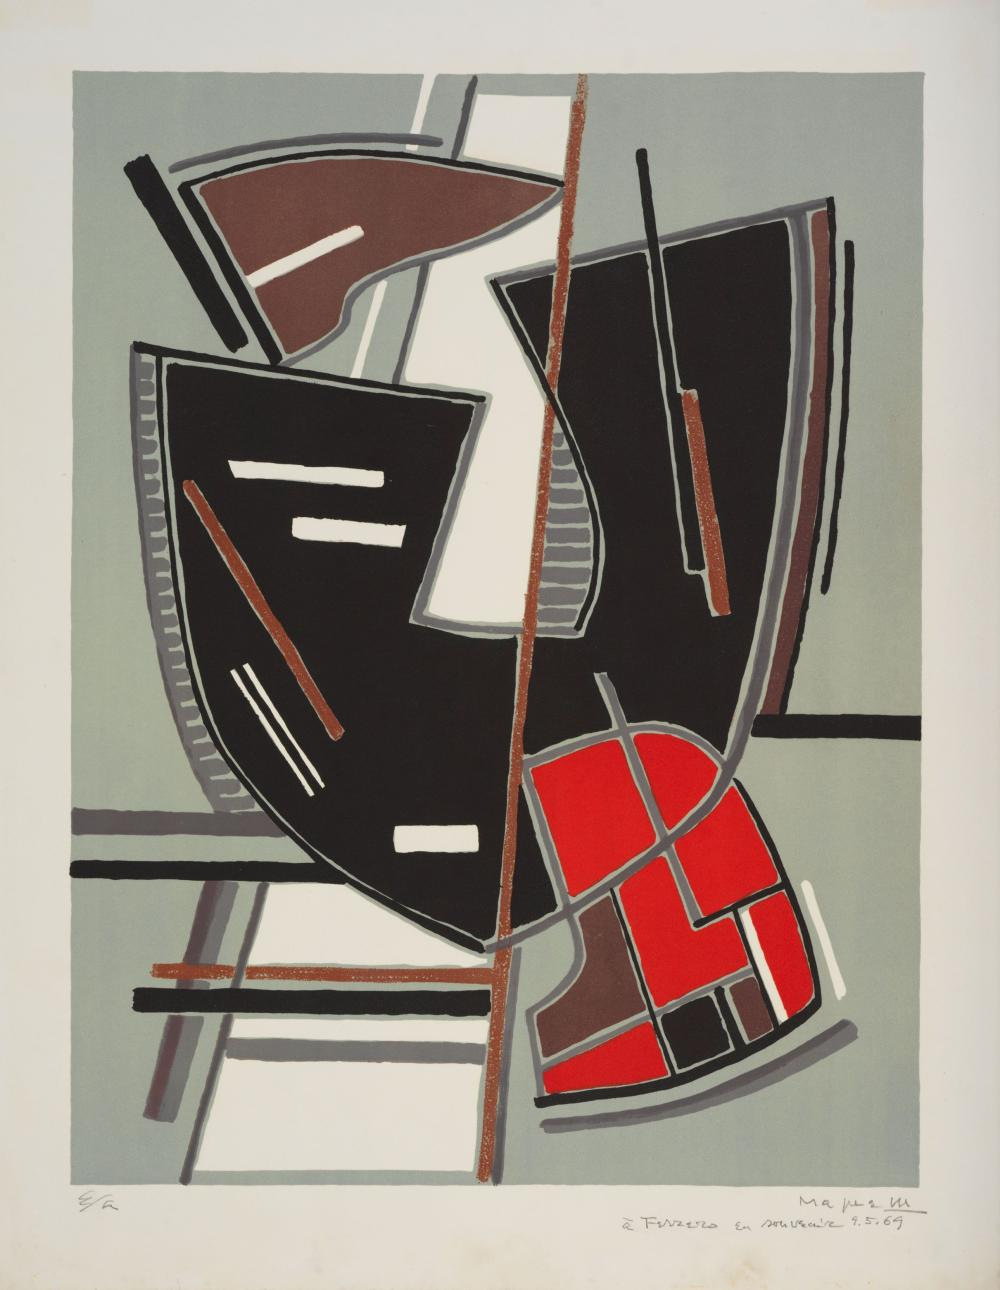 Couleur Avec Du Rouge lot 102: alberto magnelli (1888-1971) composition avec du rouge, 19